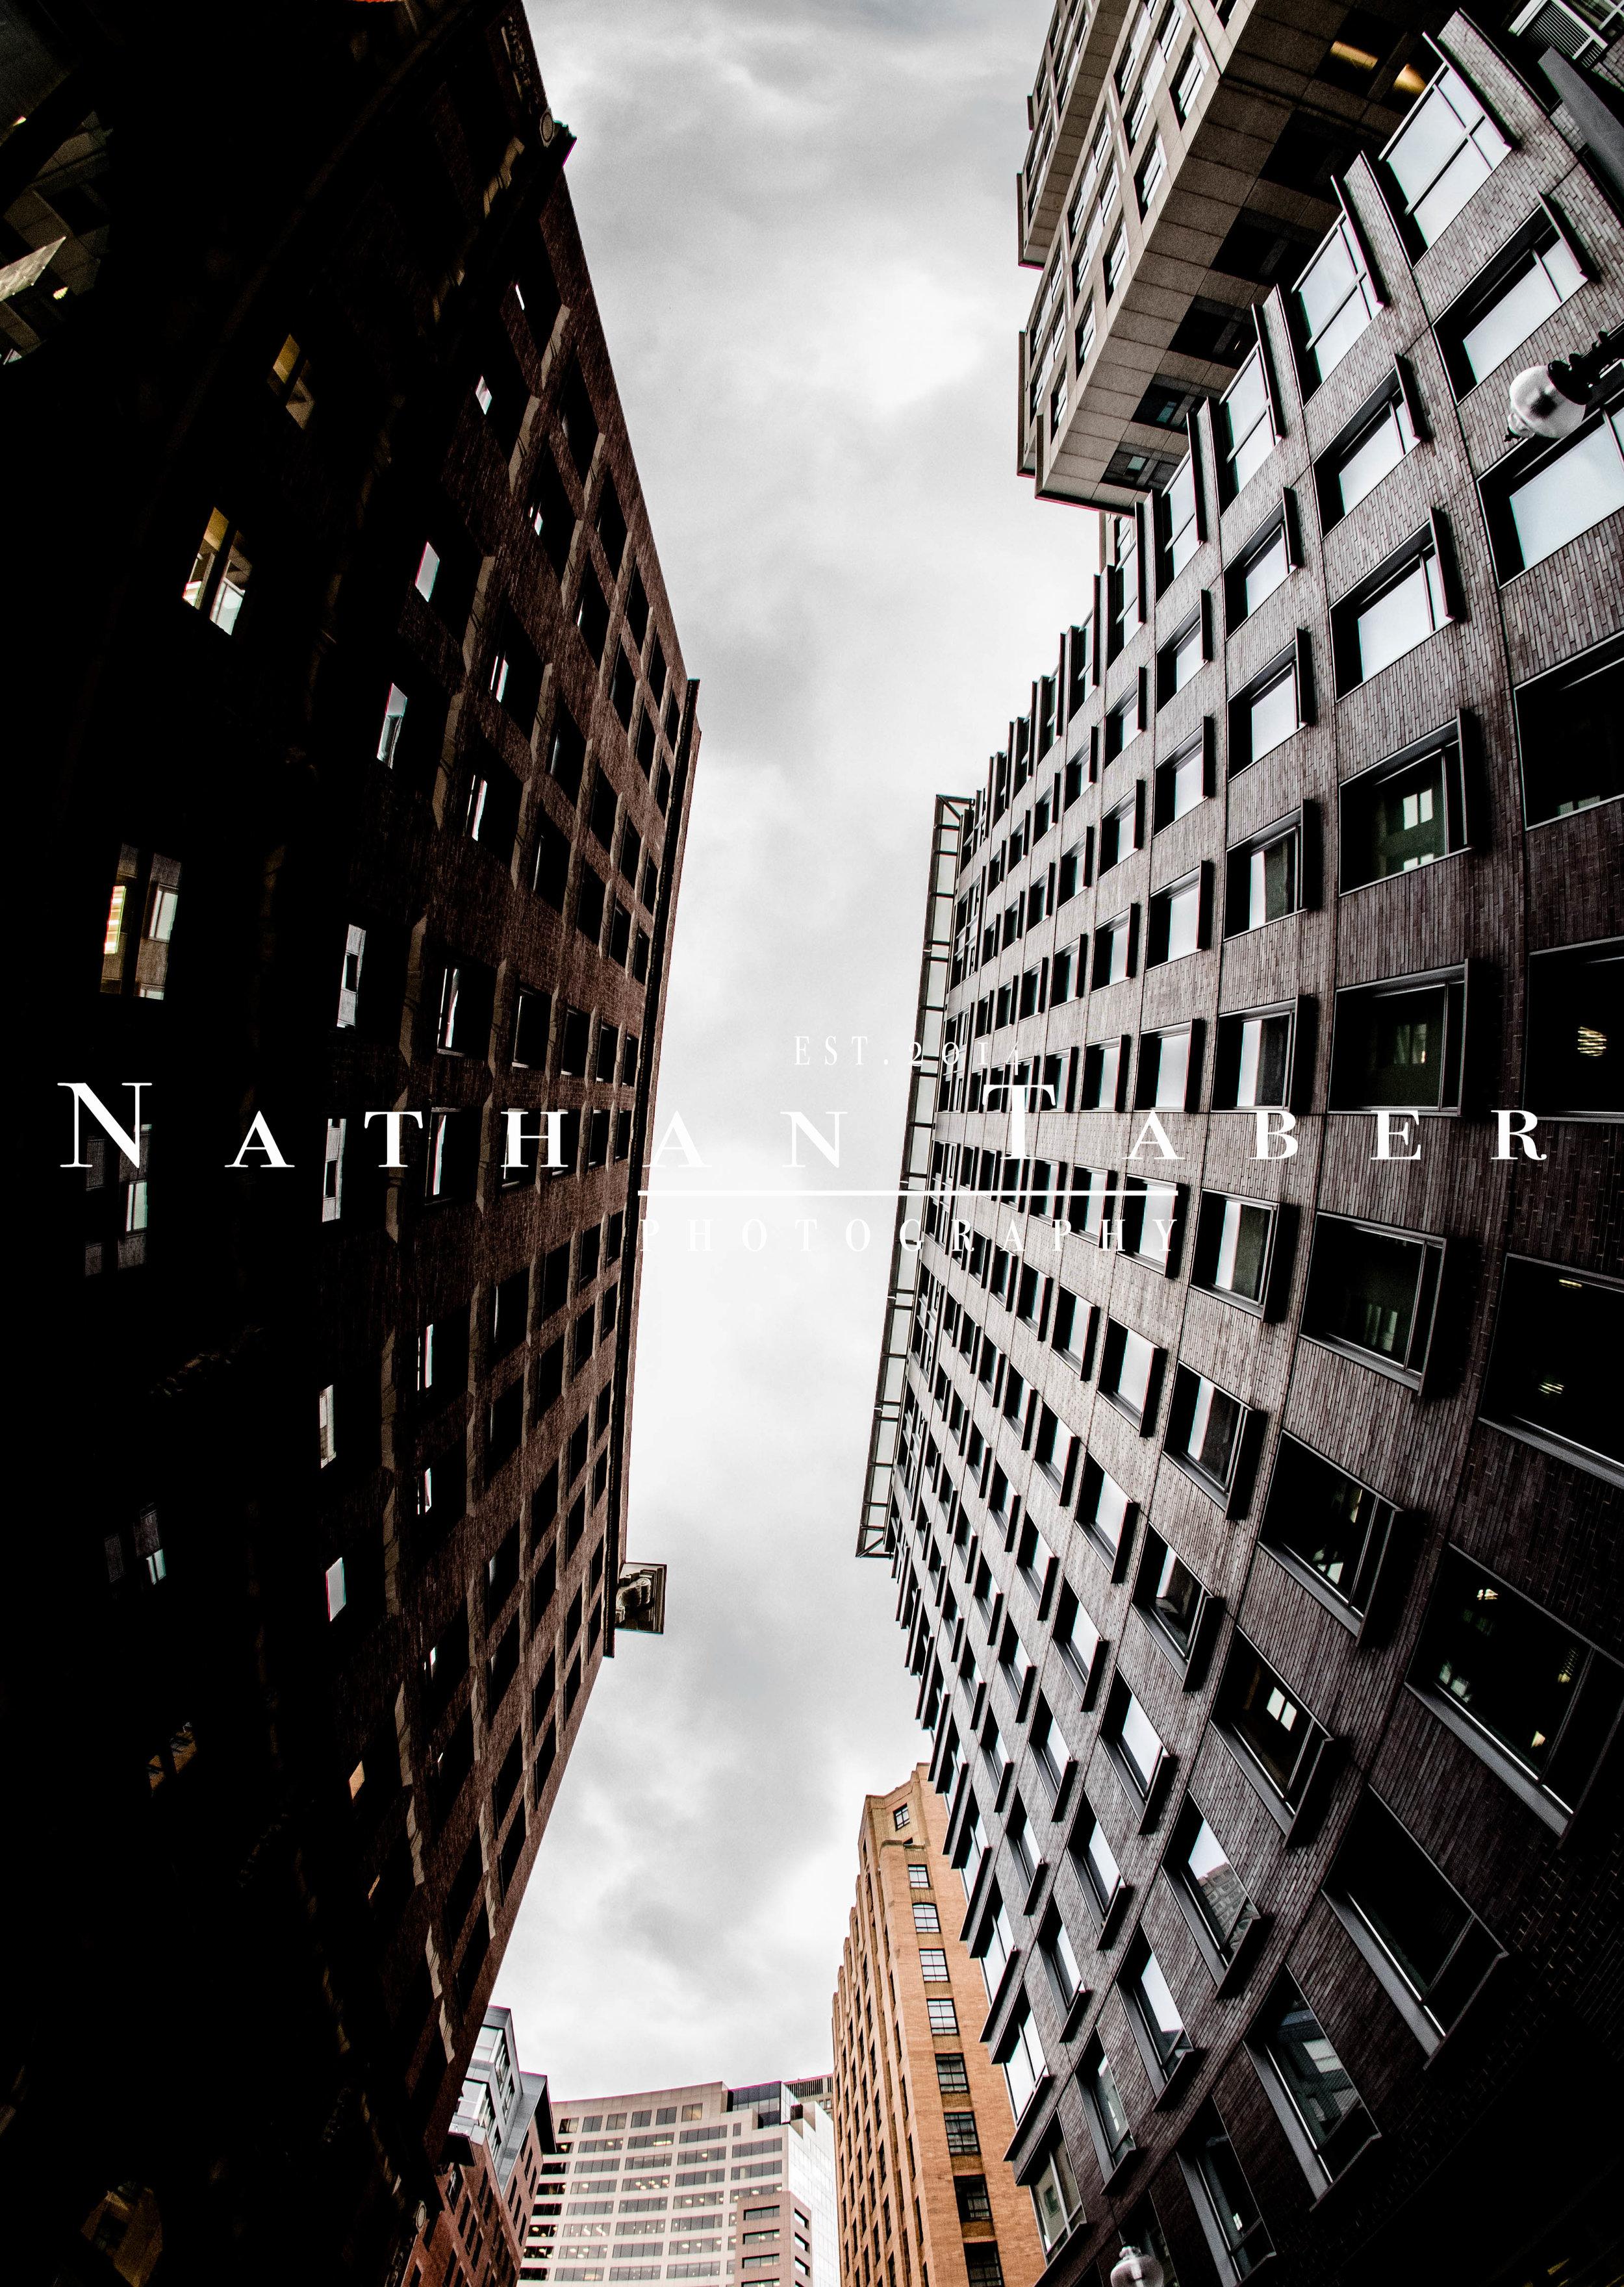 ©Nathan Taber Photography & Visuals